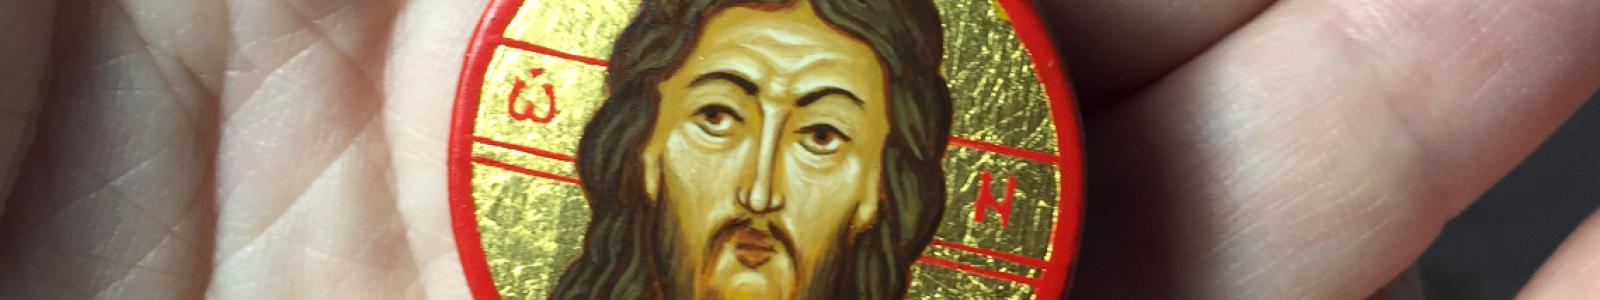 Галерея Живописец Ярослав Ракчеев